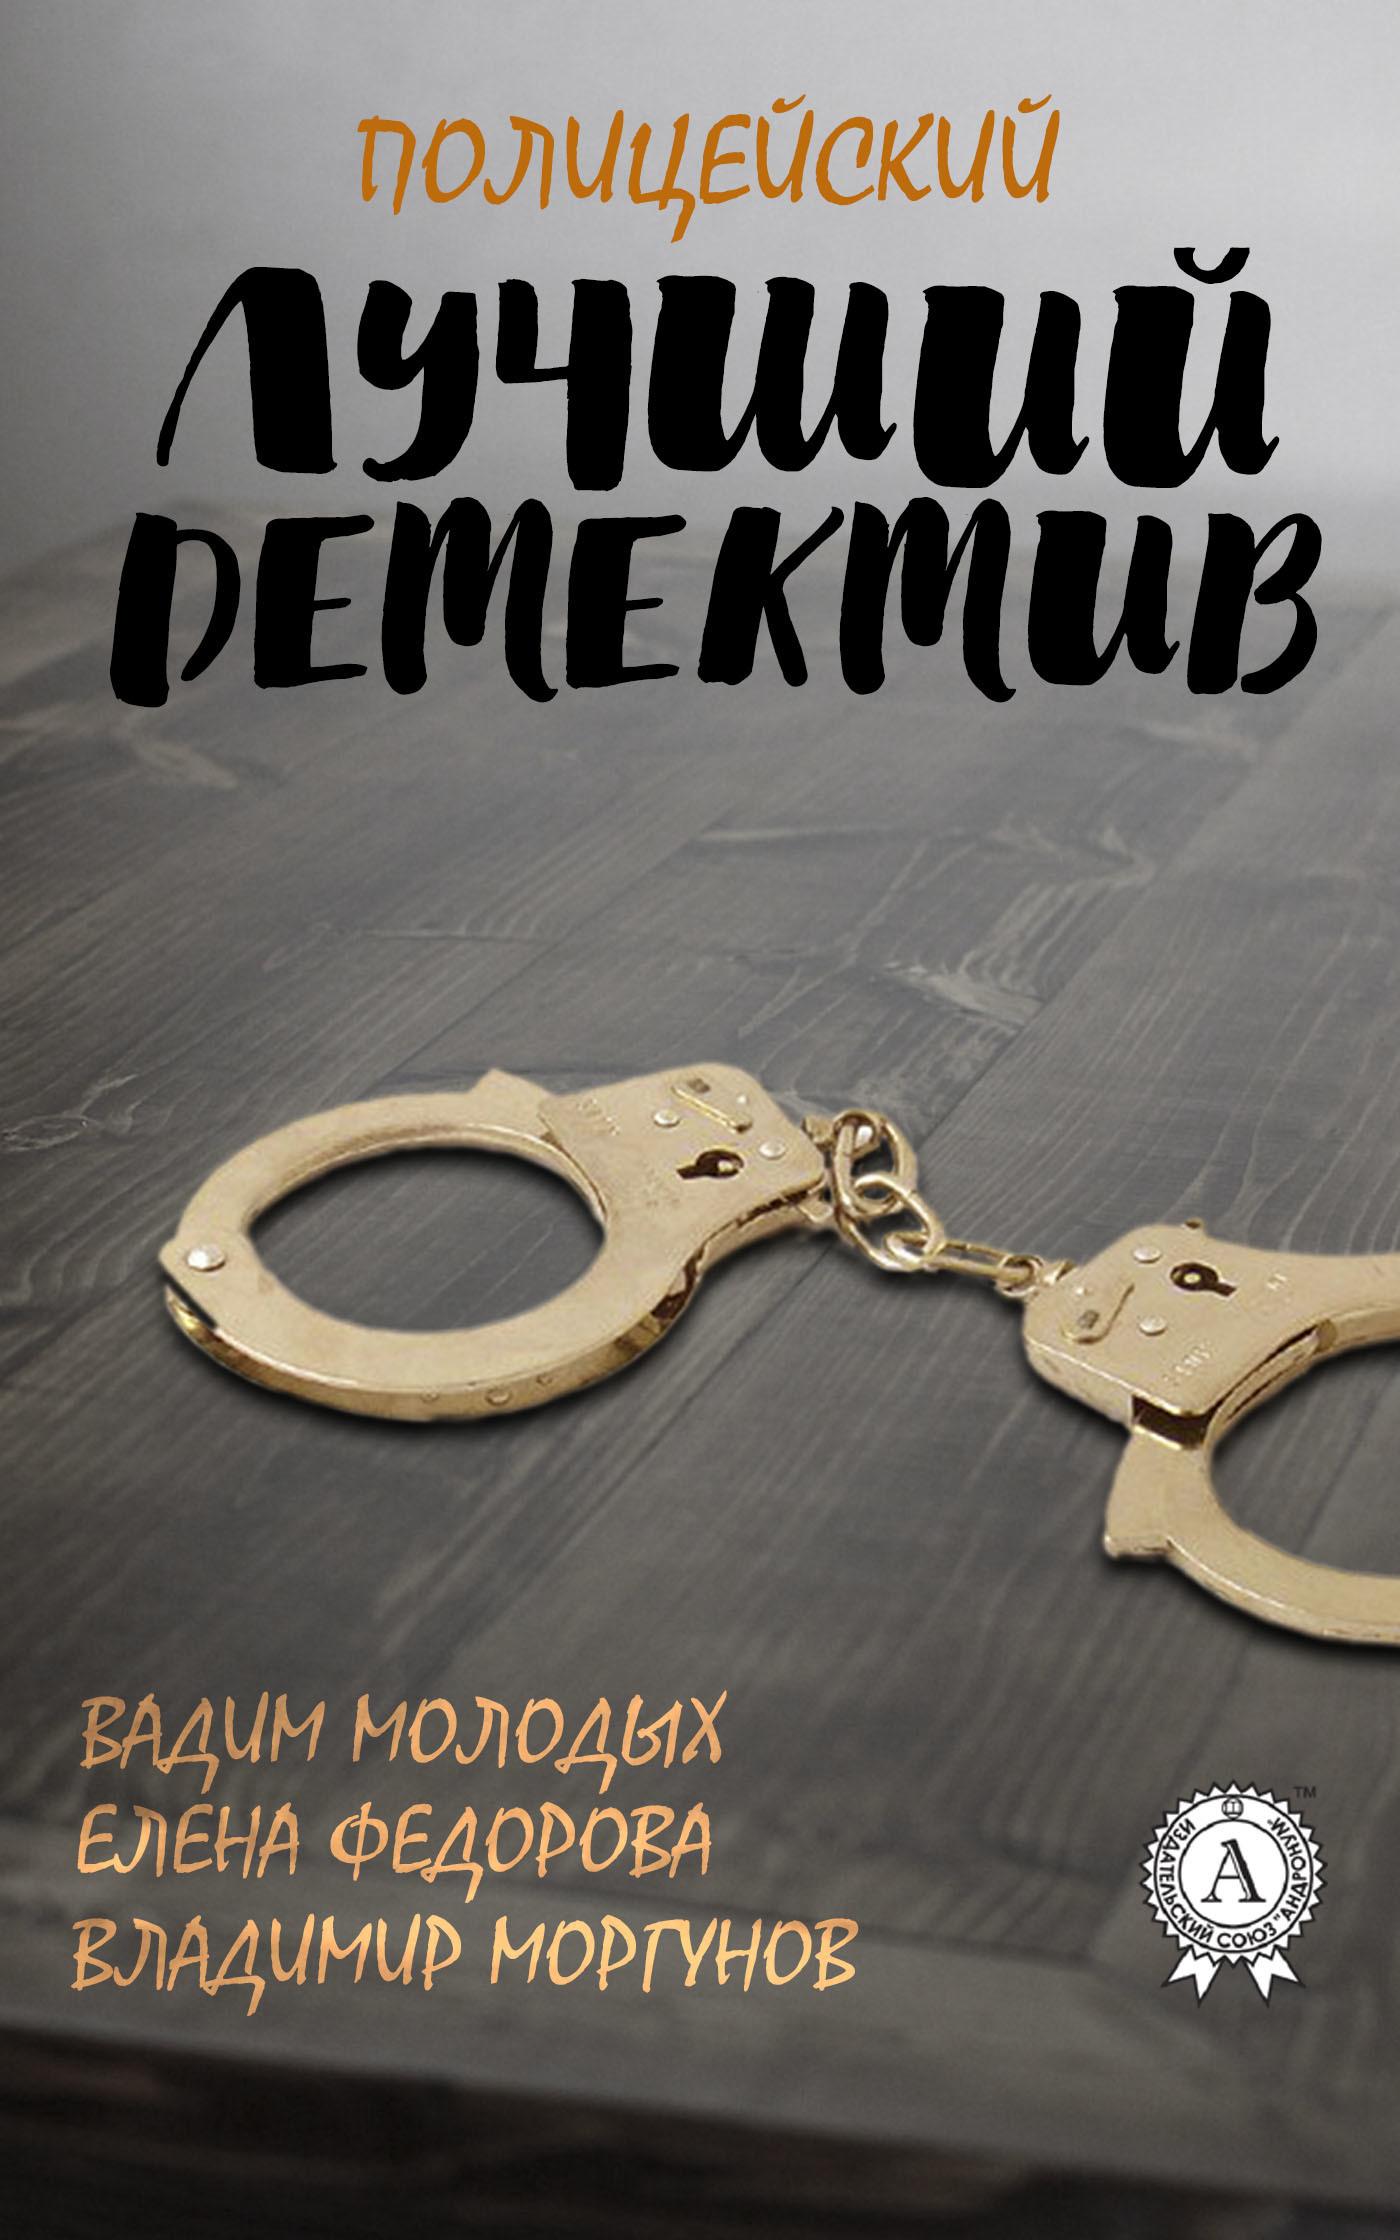 Владимир Моргунов Лучший полицейский детектив напильник sata 03918